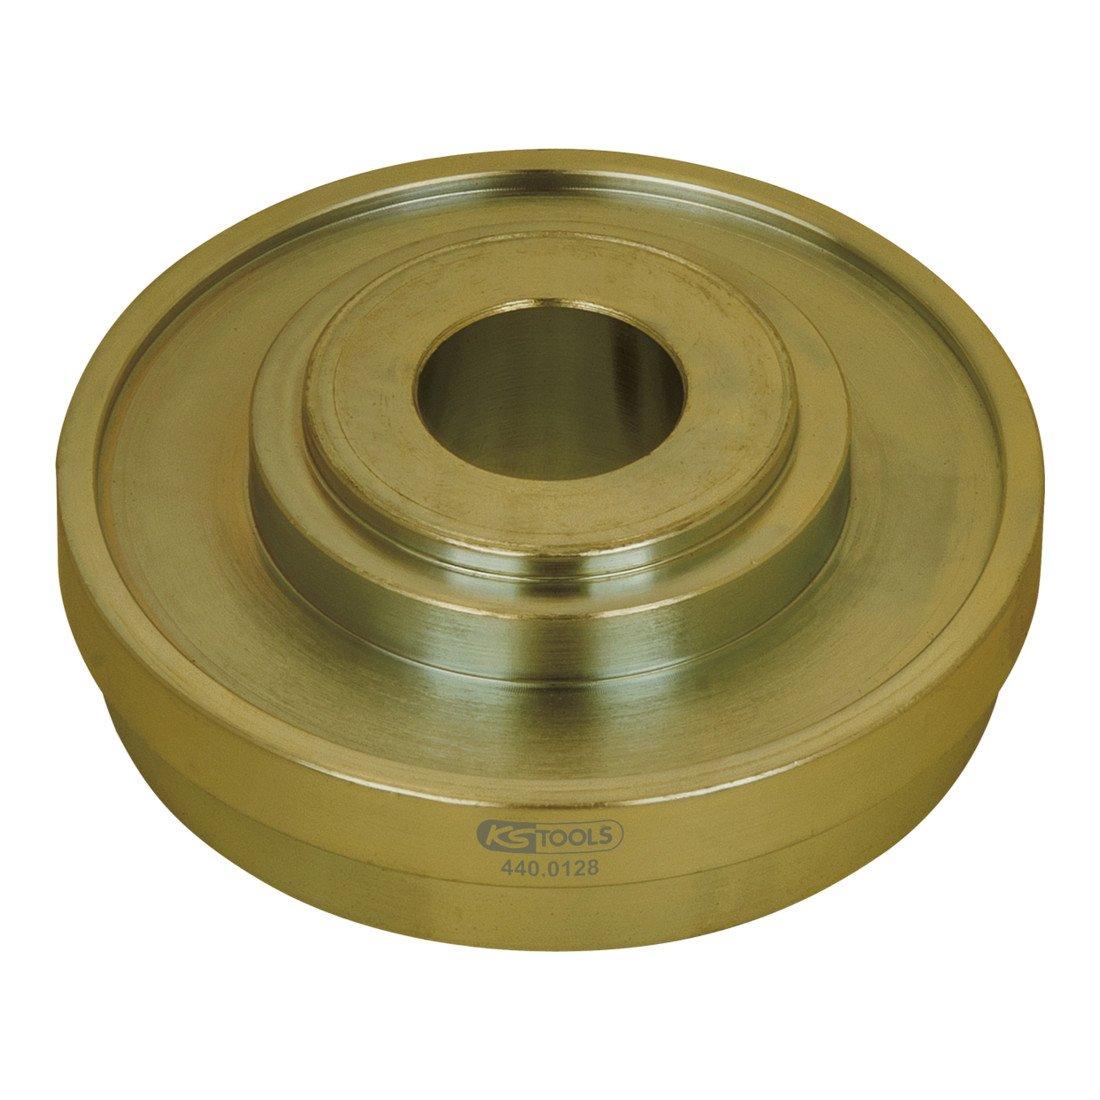 【 限定】KS TOOLS ベアリングディスク Ø90ミリメートル Bearing disk Ø 90 mm 440.0128   B014E89AAY